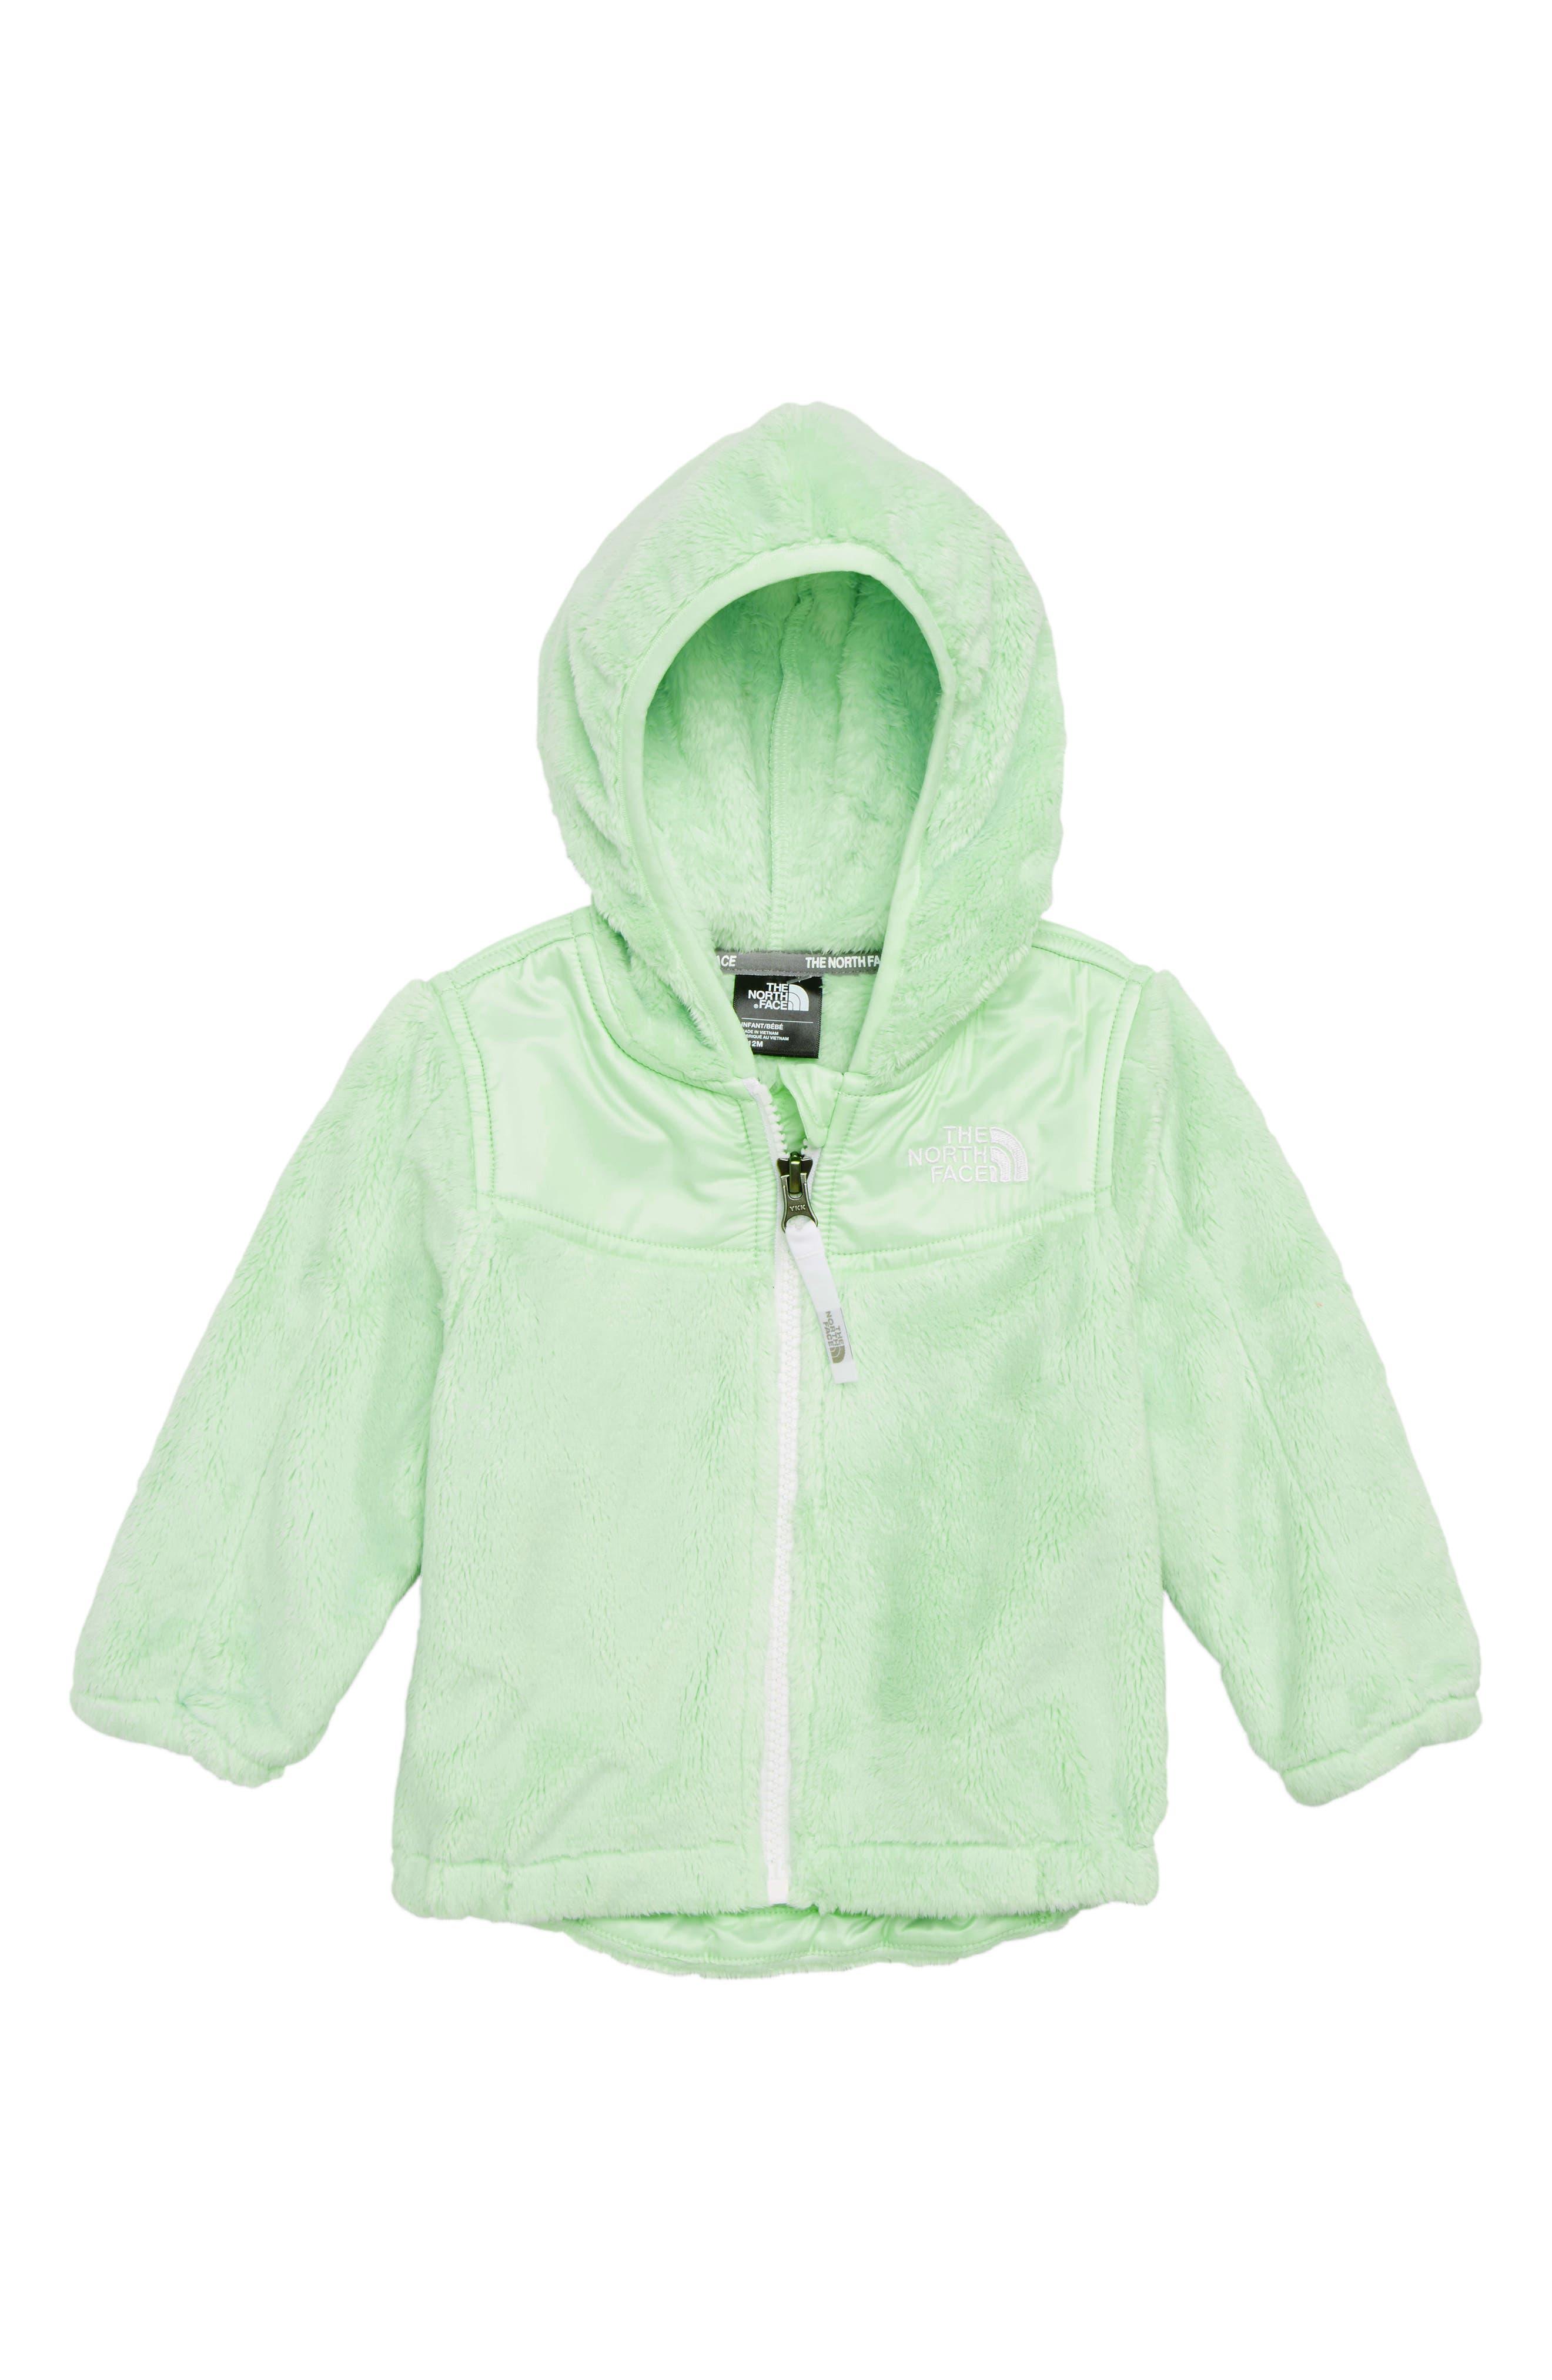 Oso Fleece Hooded Jacket,                         Main,                         color, AMBROSIA GREEN